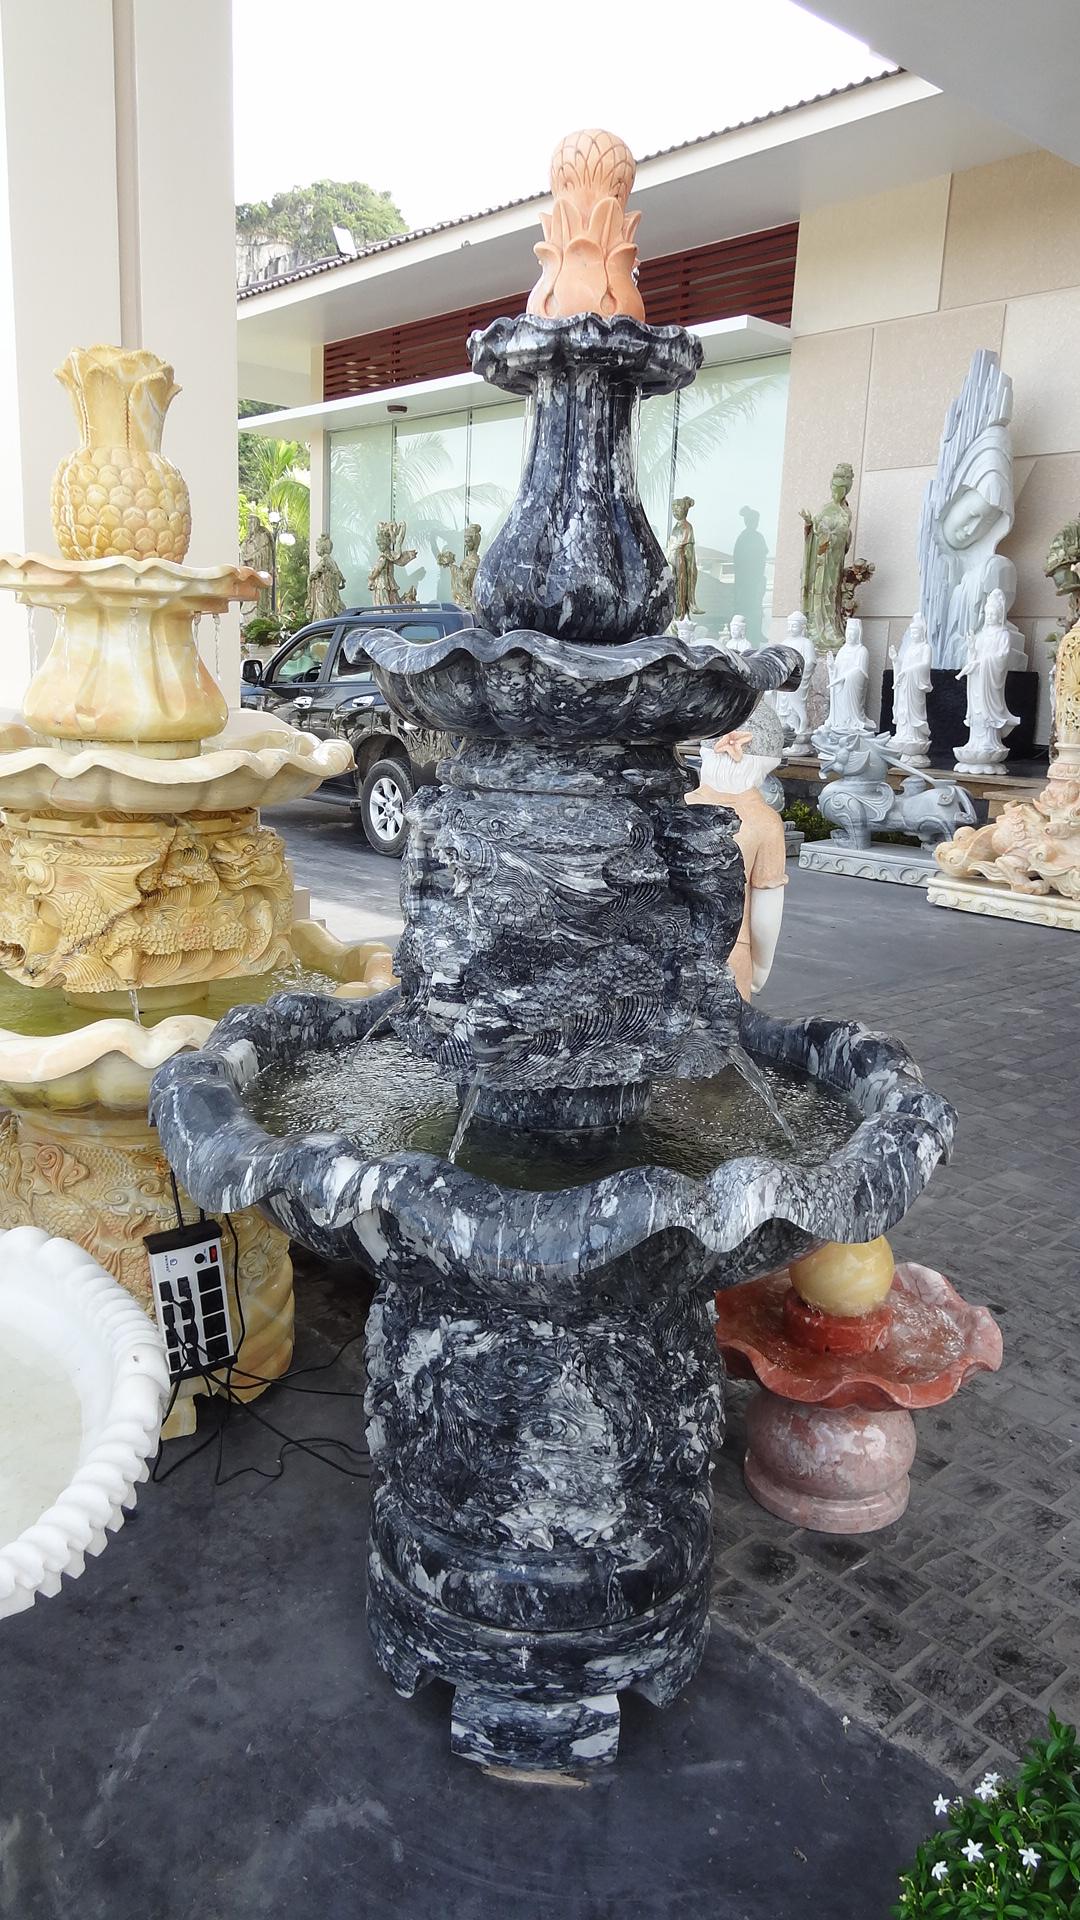 น้ำตก อ่าง 3 ชั้น หินอ่อน สูง 1.6 เมตร หินสีดำ